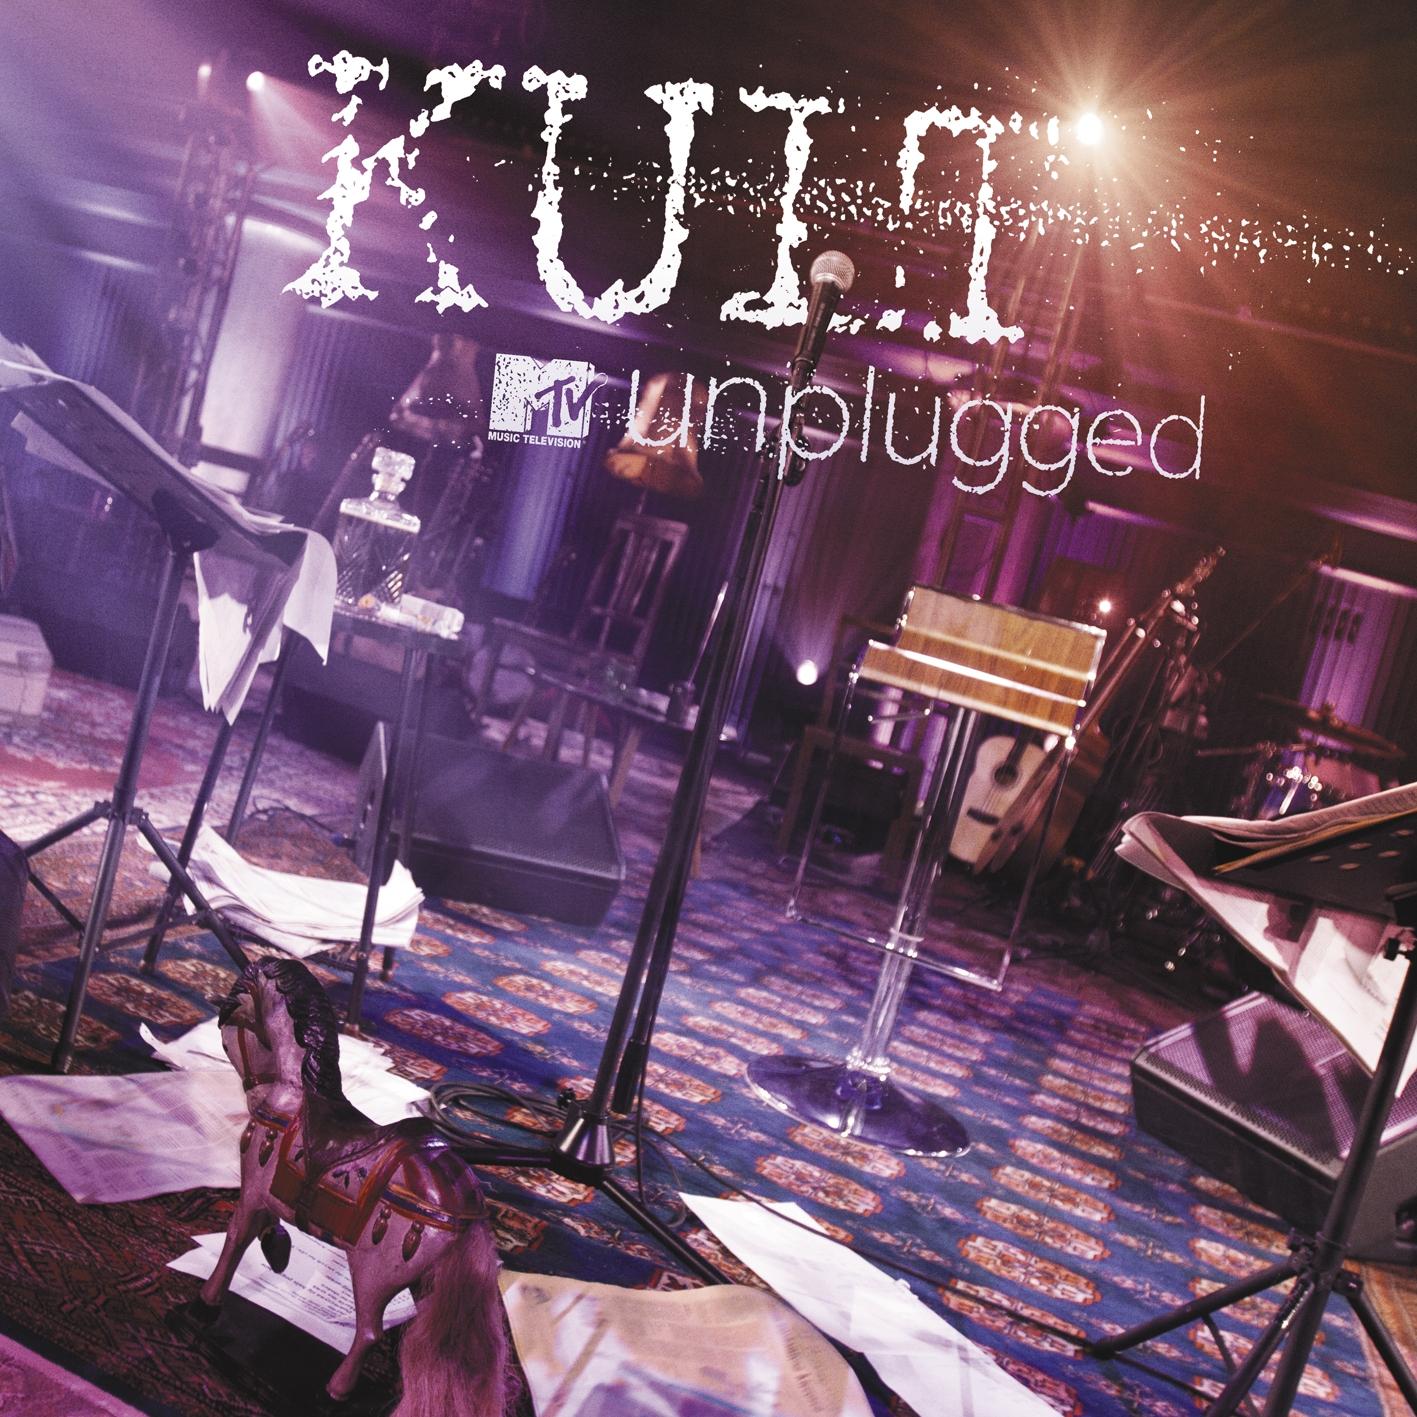 MTV Unplugged Kult – już w sprzedaży!!!